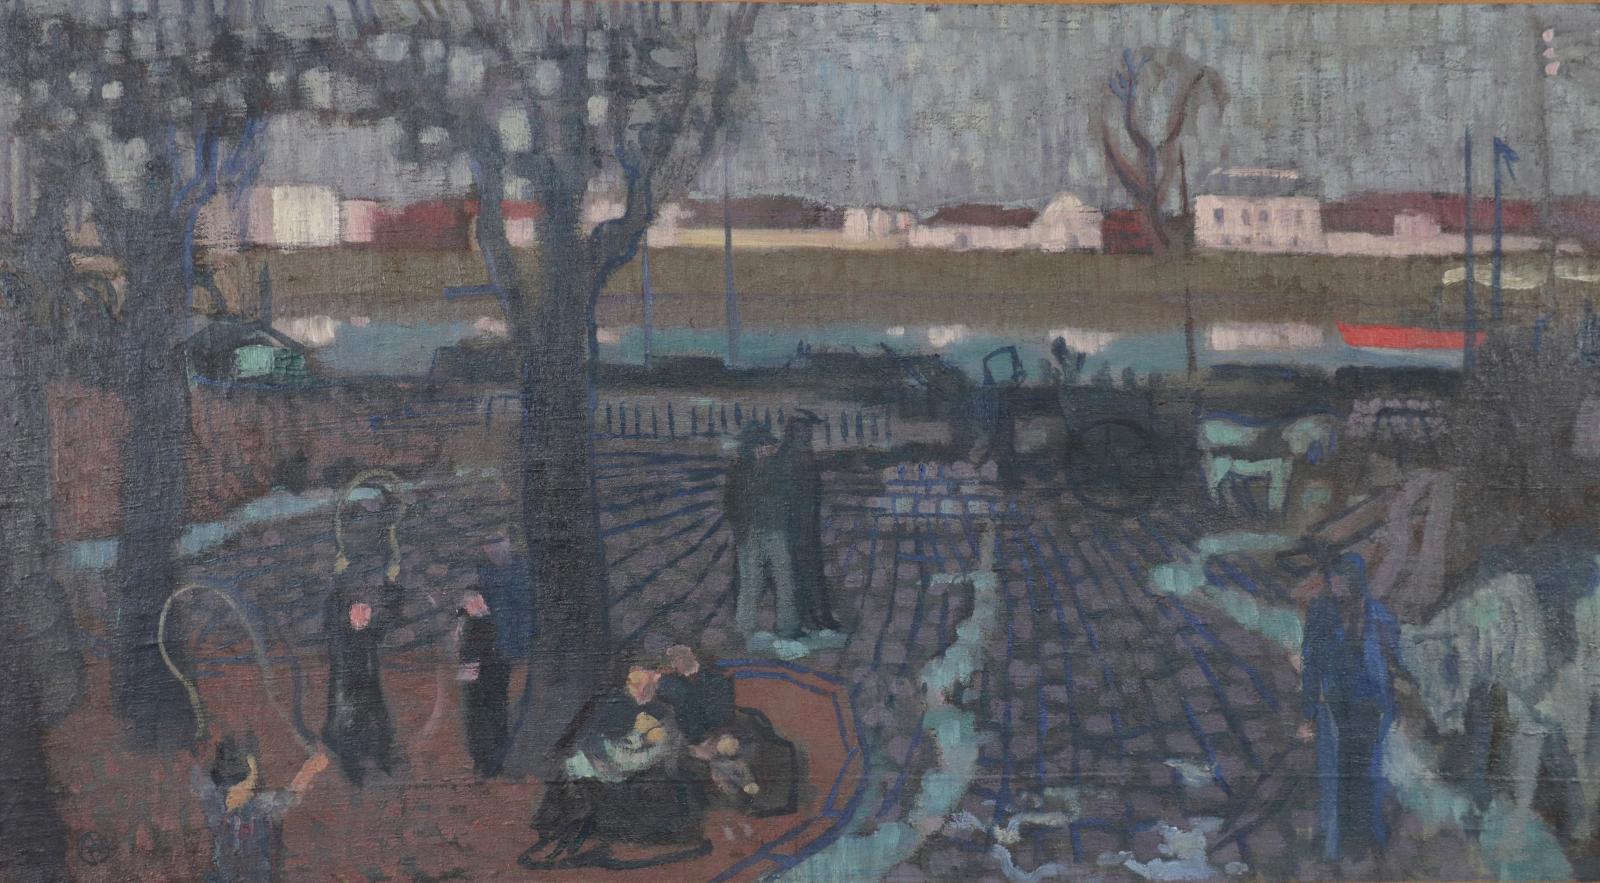 Impossible d'évoquer une vente consacrée àPont-Aven sans marines. Maxime Maufra(1861-1918) est l'un des plus adroits dans ce domaine, co